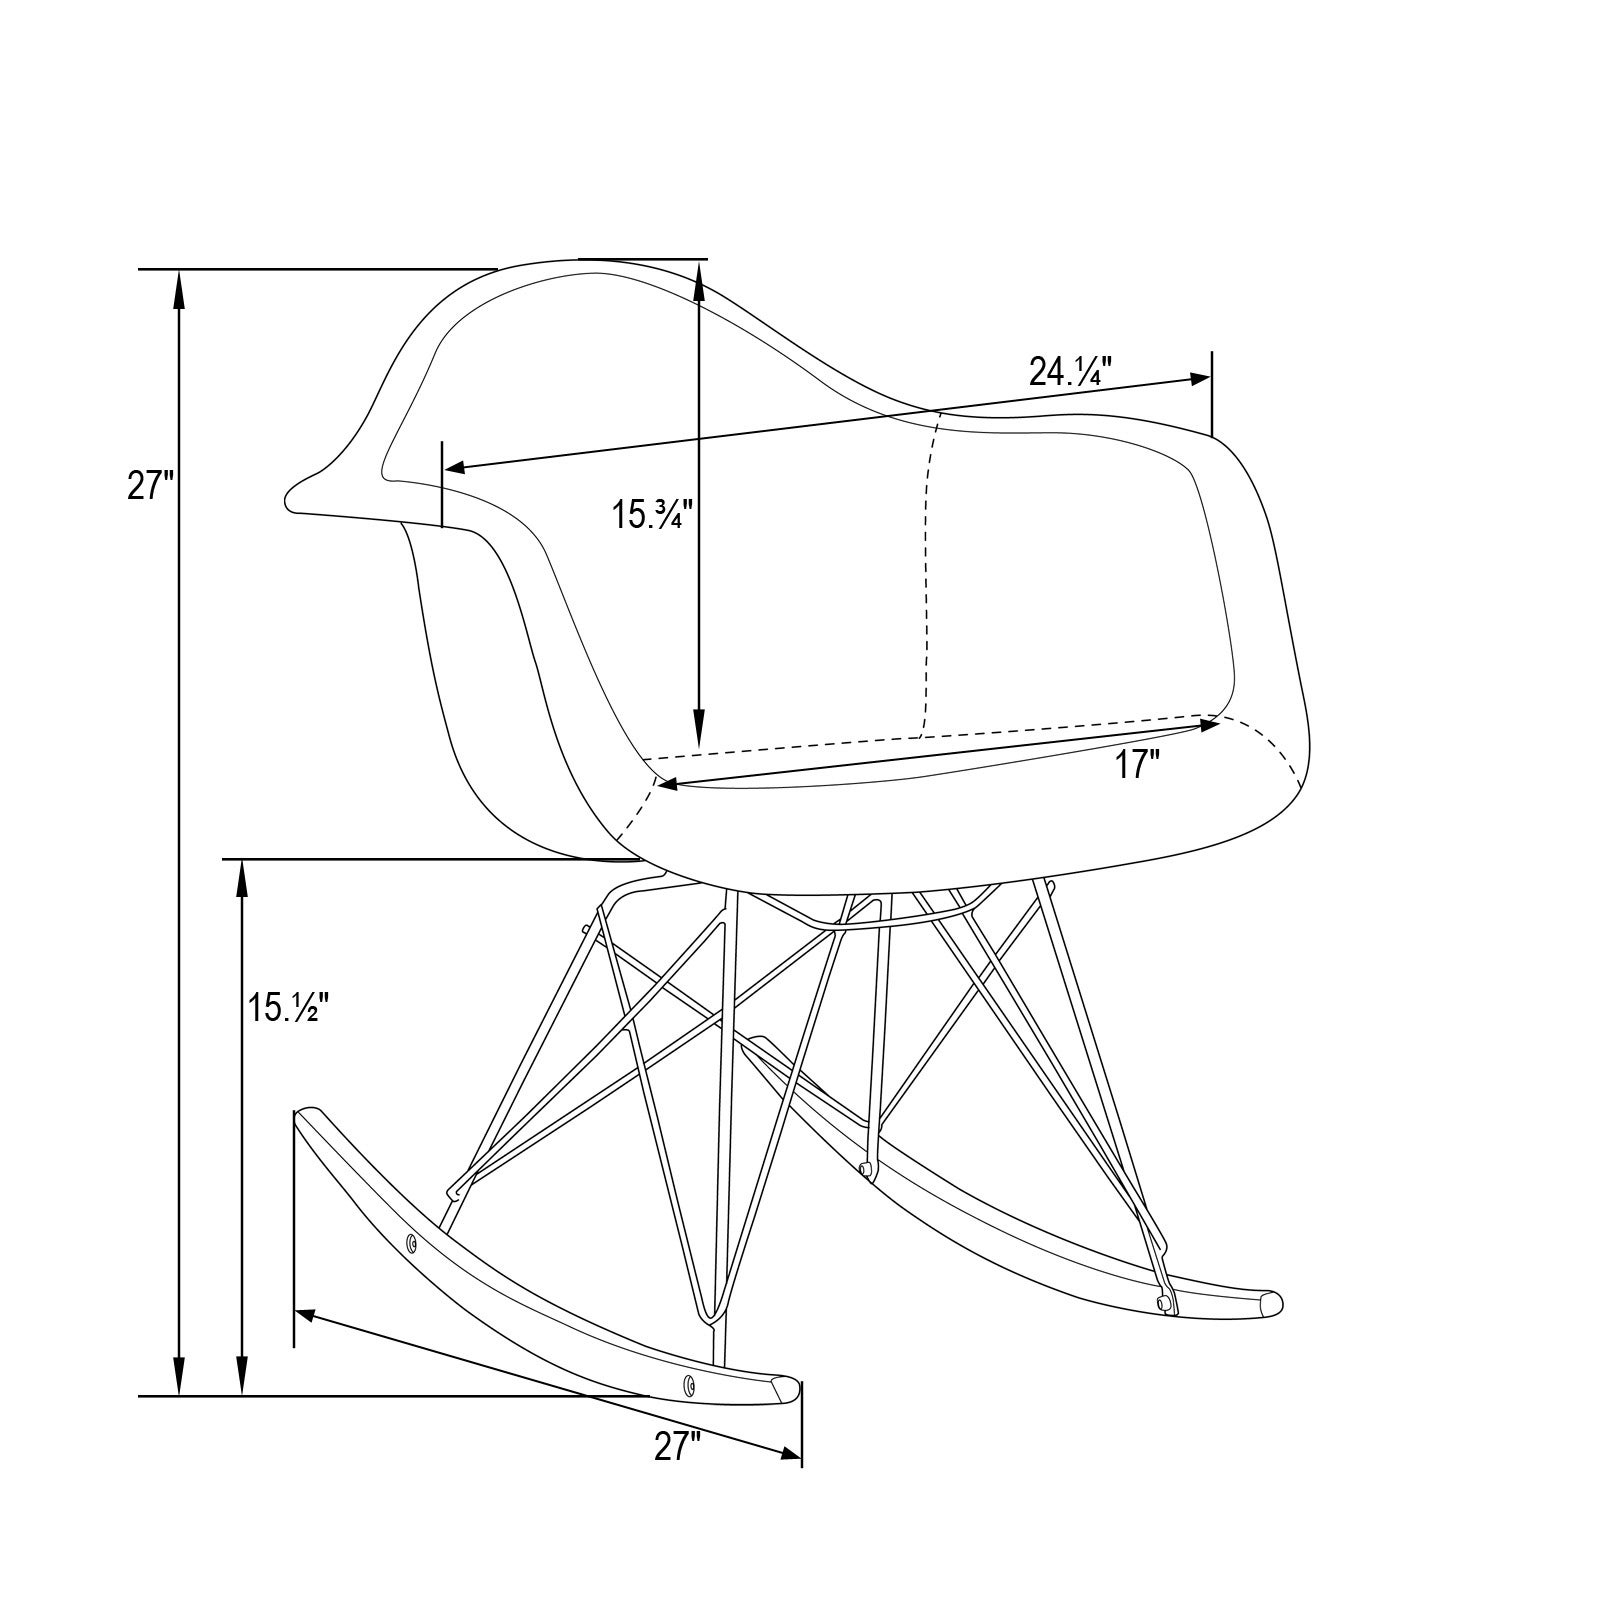 Leisuremod Wilson Twill Fabric Beige Rocking Chair W/ Eiffel Legs Pertaining To Twill Fabric Beige Rocking Chairs With Eiffel Legs (View 13 of 20)